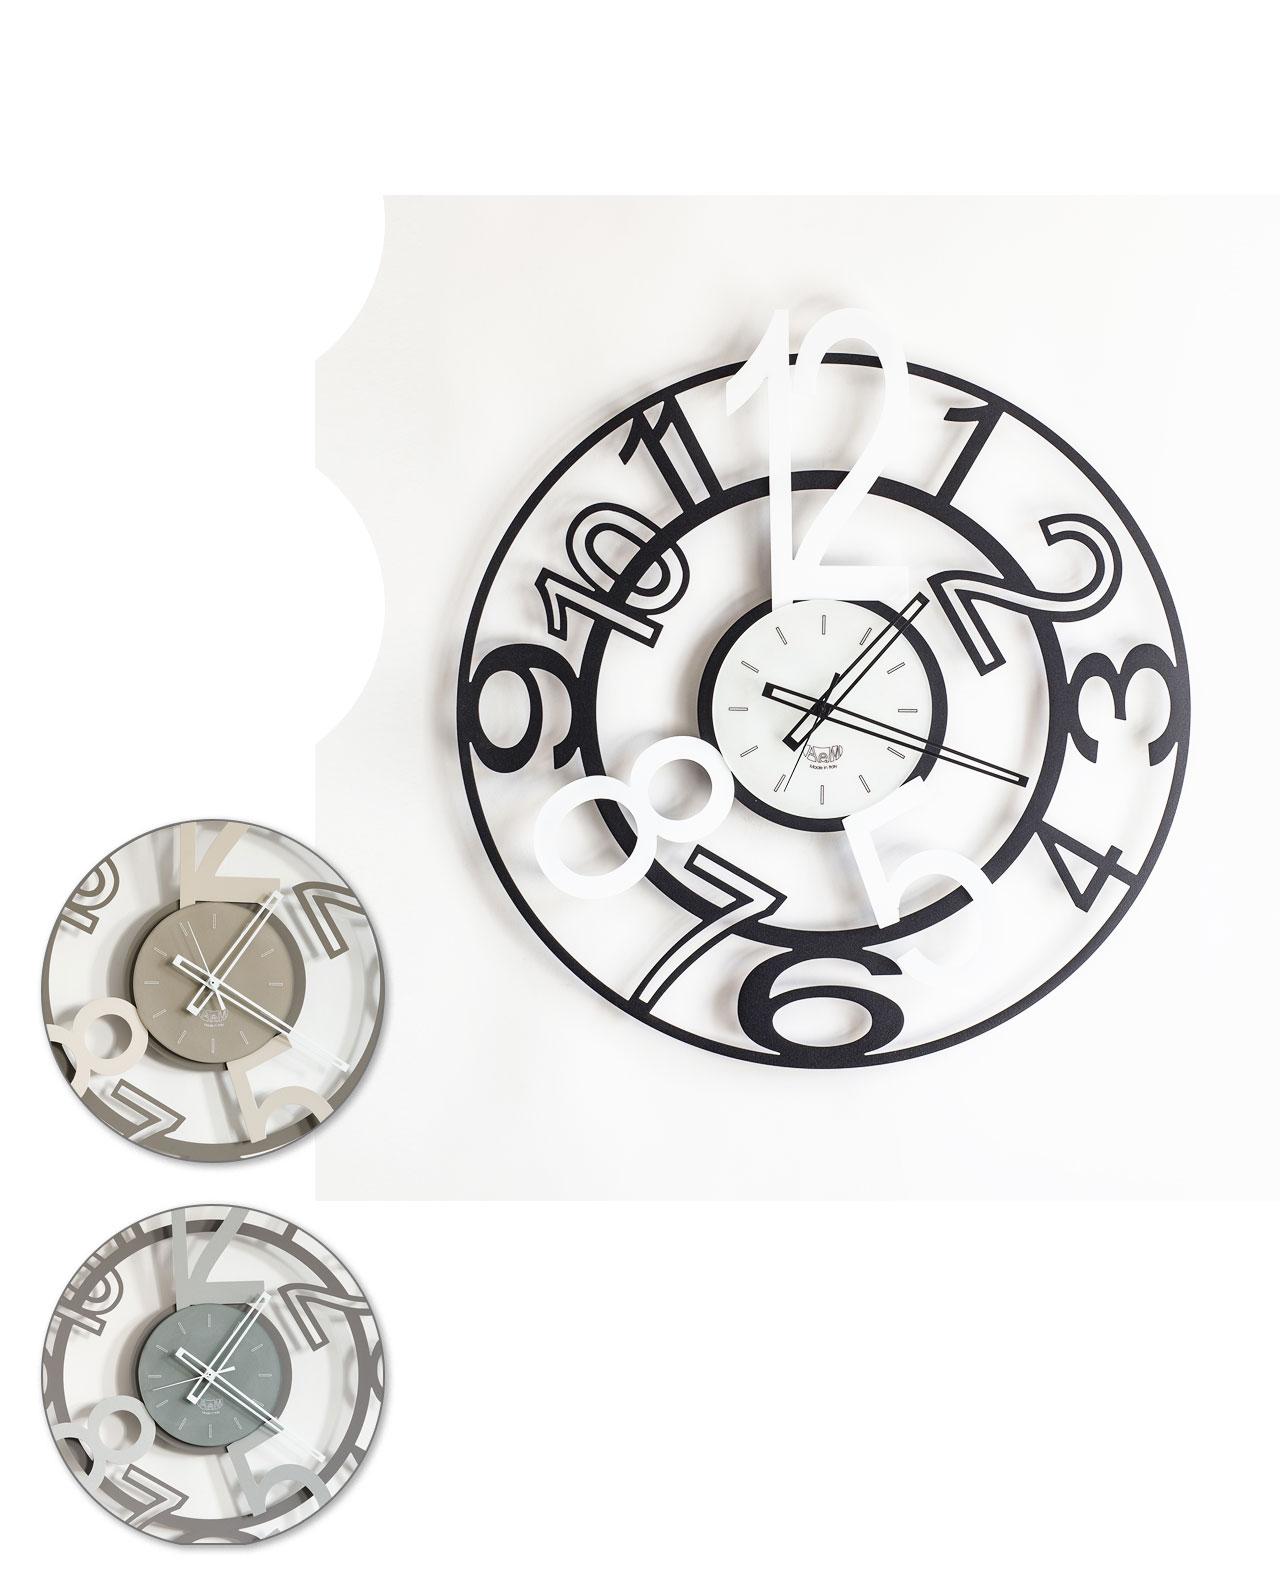 Orologio da parete design orione arti e mestieri for Piani artistici di stile di arti e mestieri